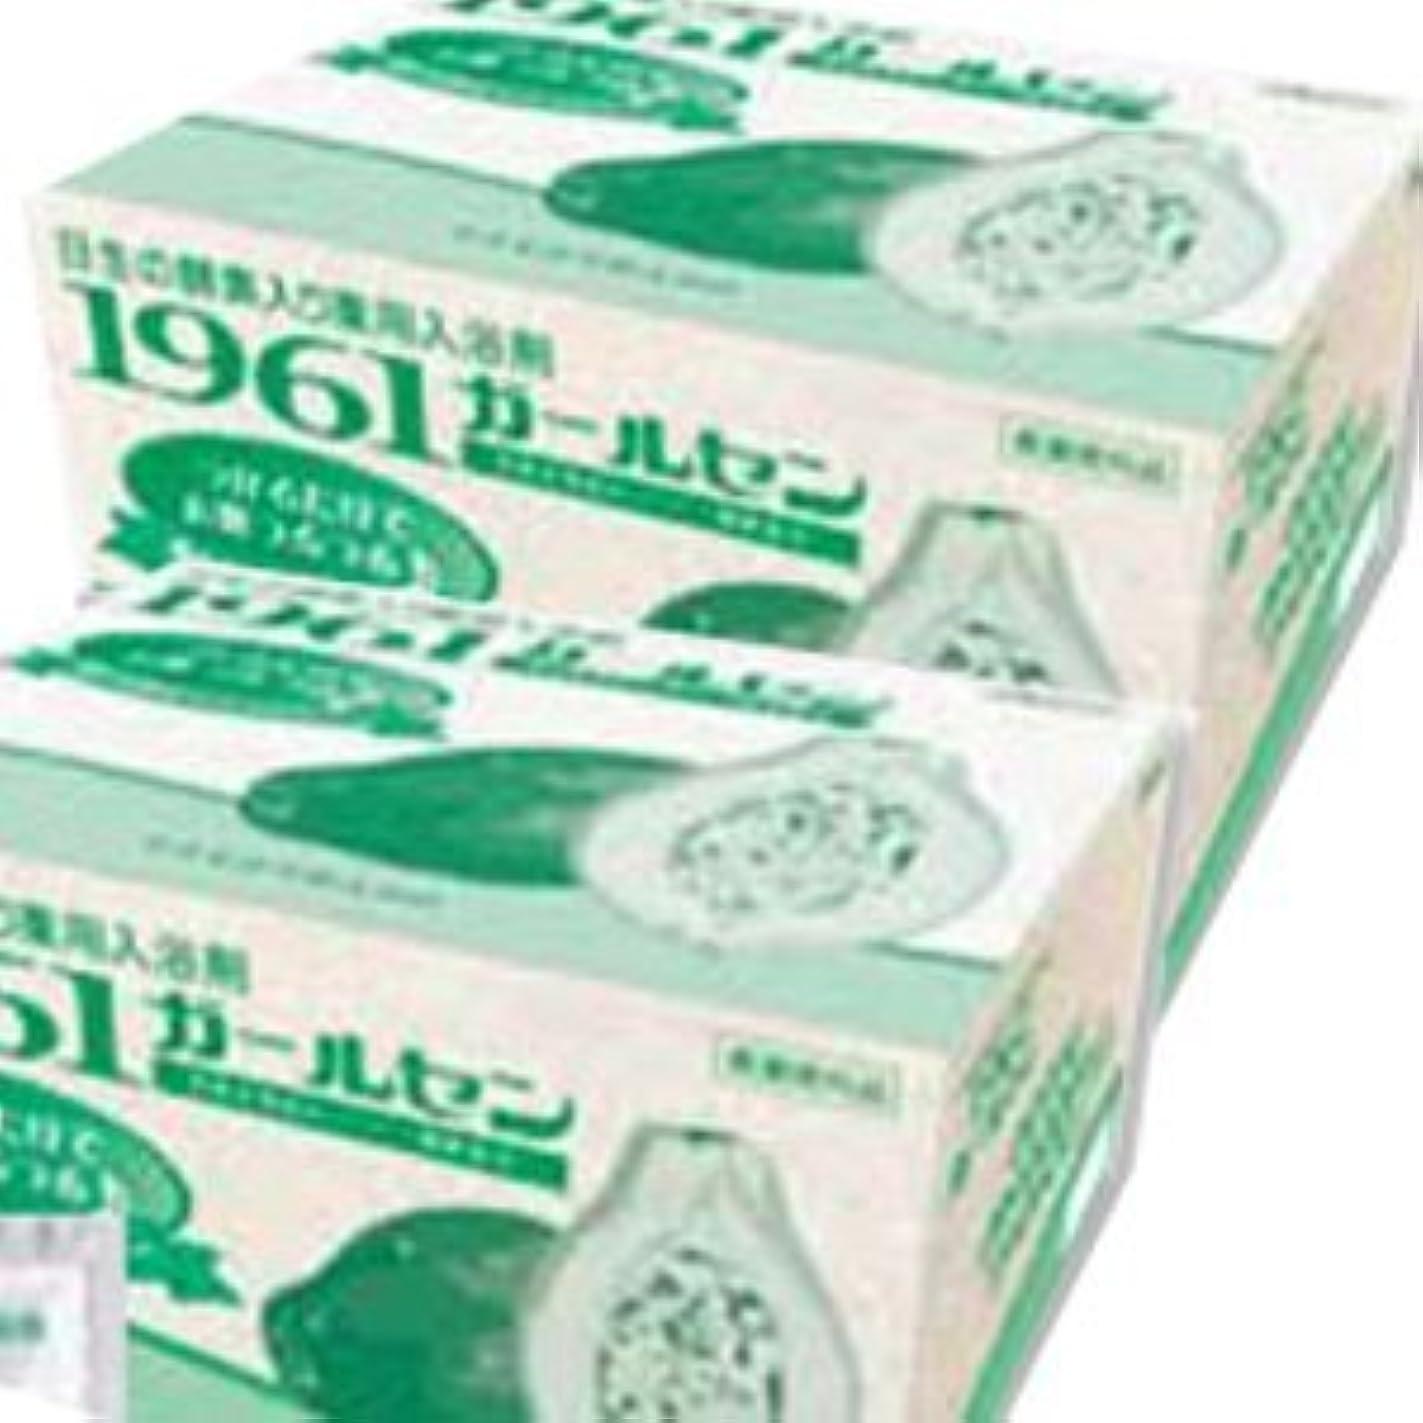 中毒小人普及日本生化学 薬用入浴剤 1961ガールセン (20g×60包)×2箱 (医薬部外品)